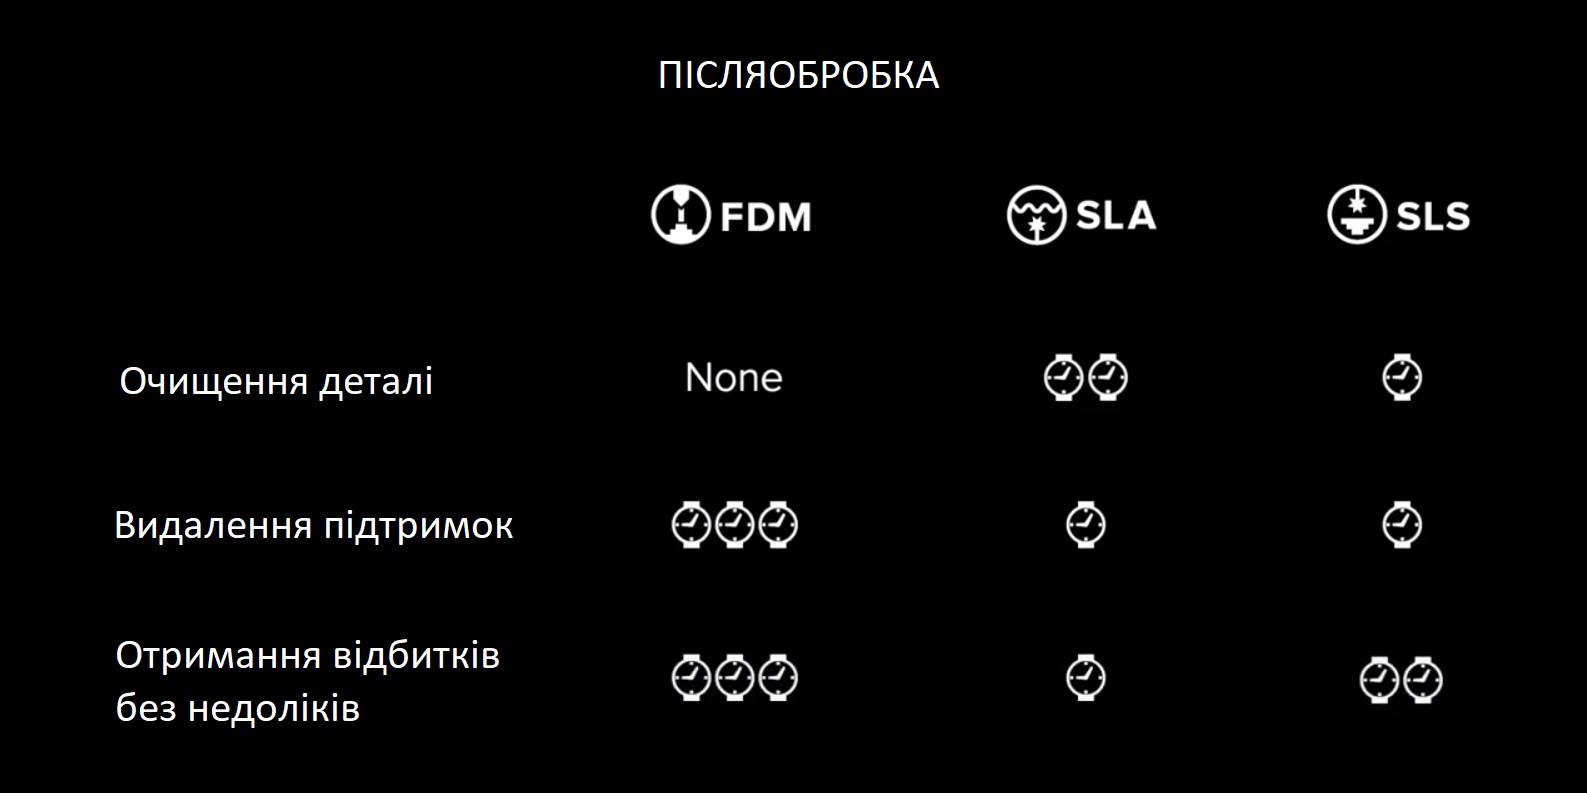 вплив складності додаткової обробки на вибір технології 3Д друку